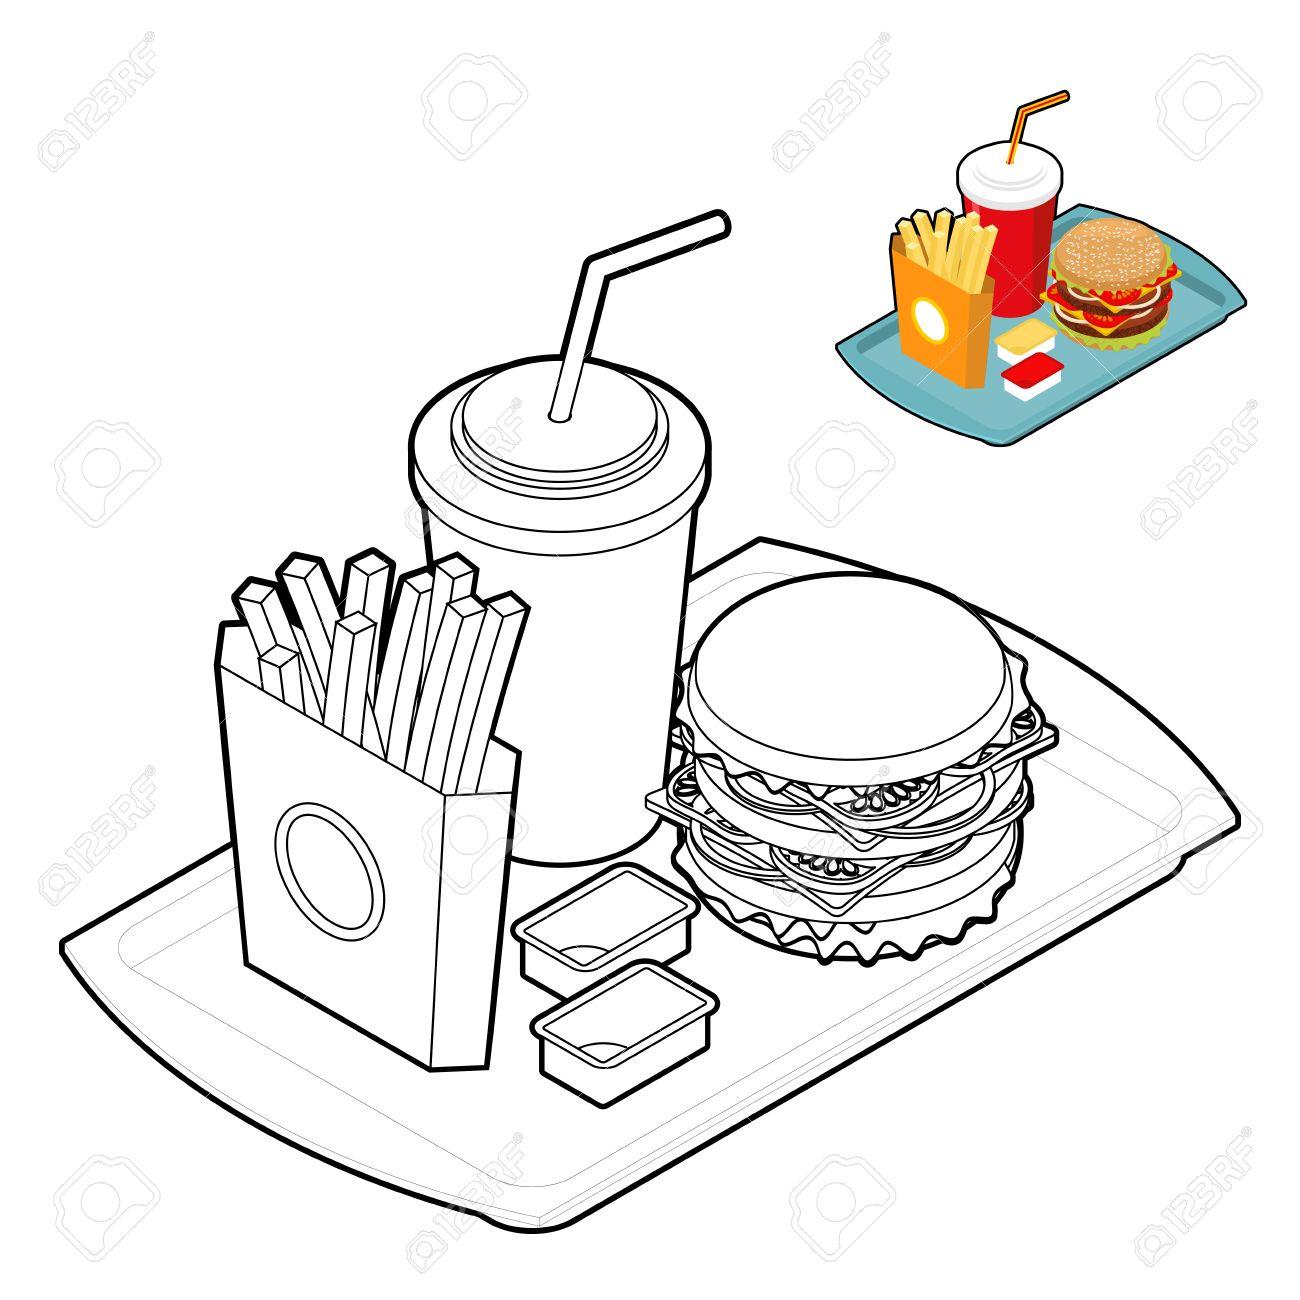 Fast Food Livre De Coloriage Alimentaire Dans Le Style Lineaire